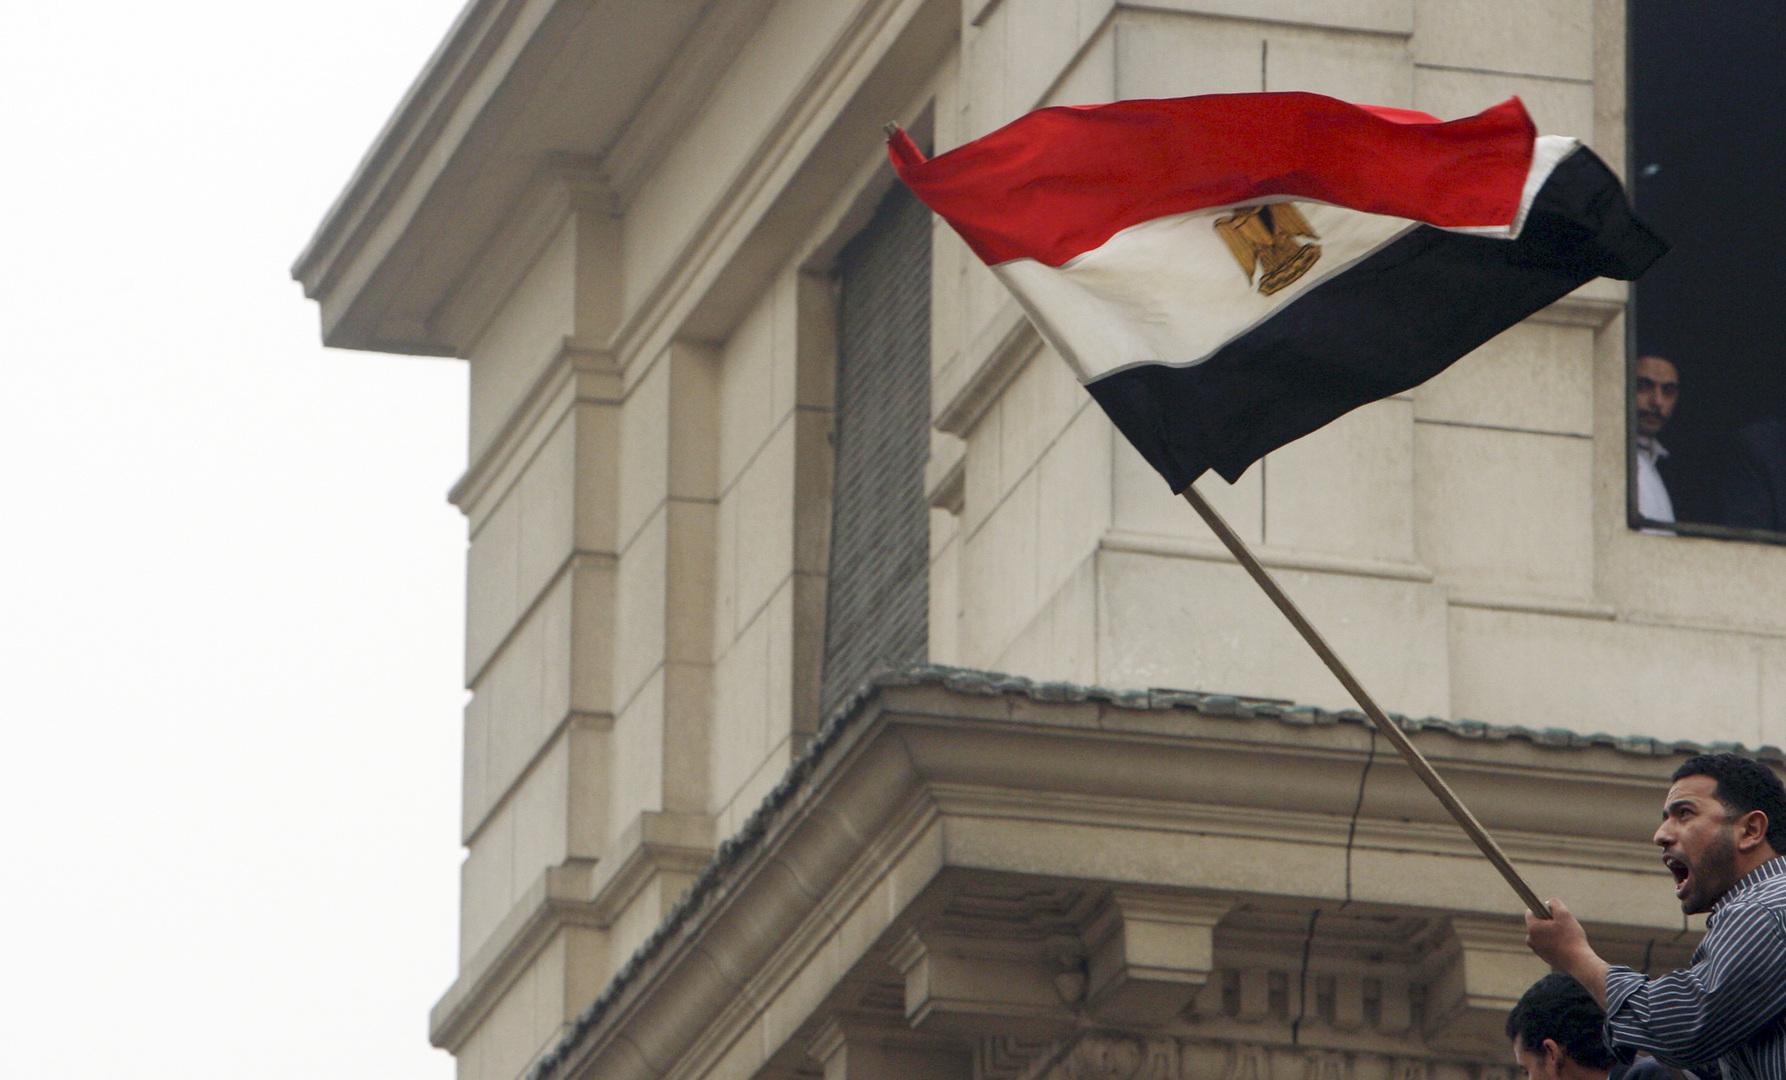 مصر.. الإفراج عن أكثر من 128 متهما بقضايا إرهاب بينهم صحفيون وناشطون